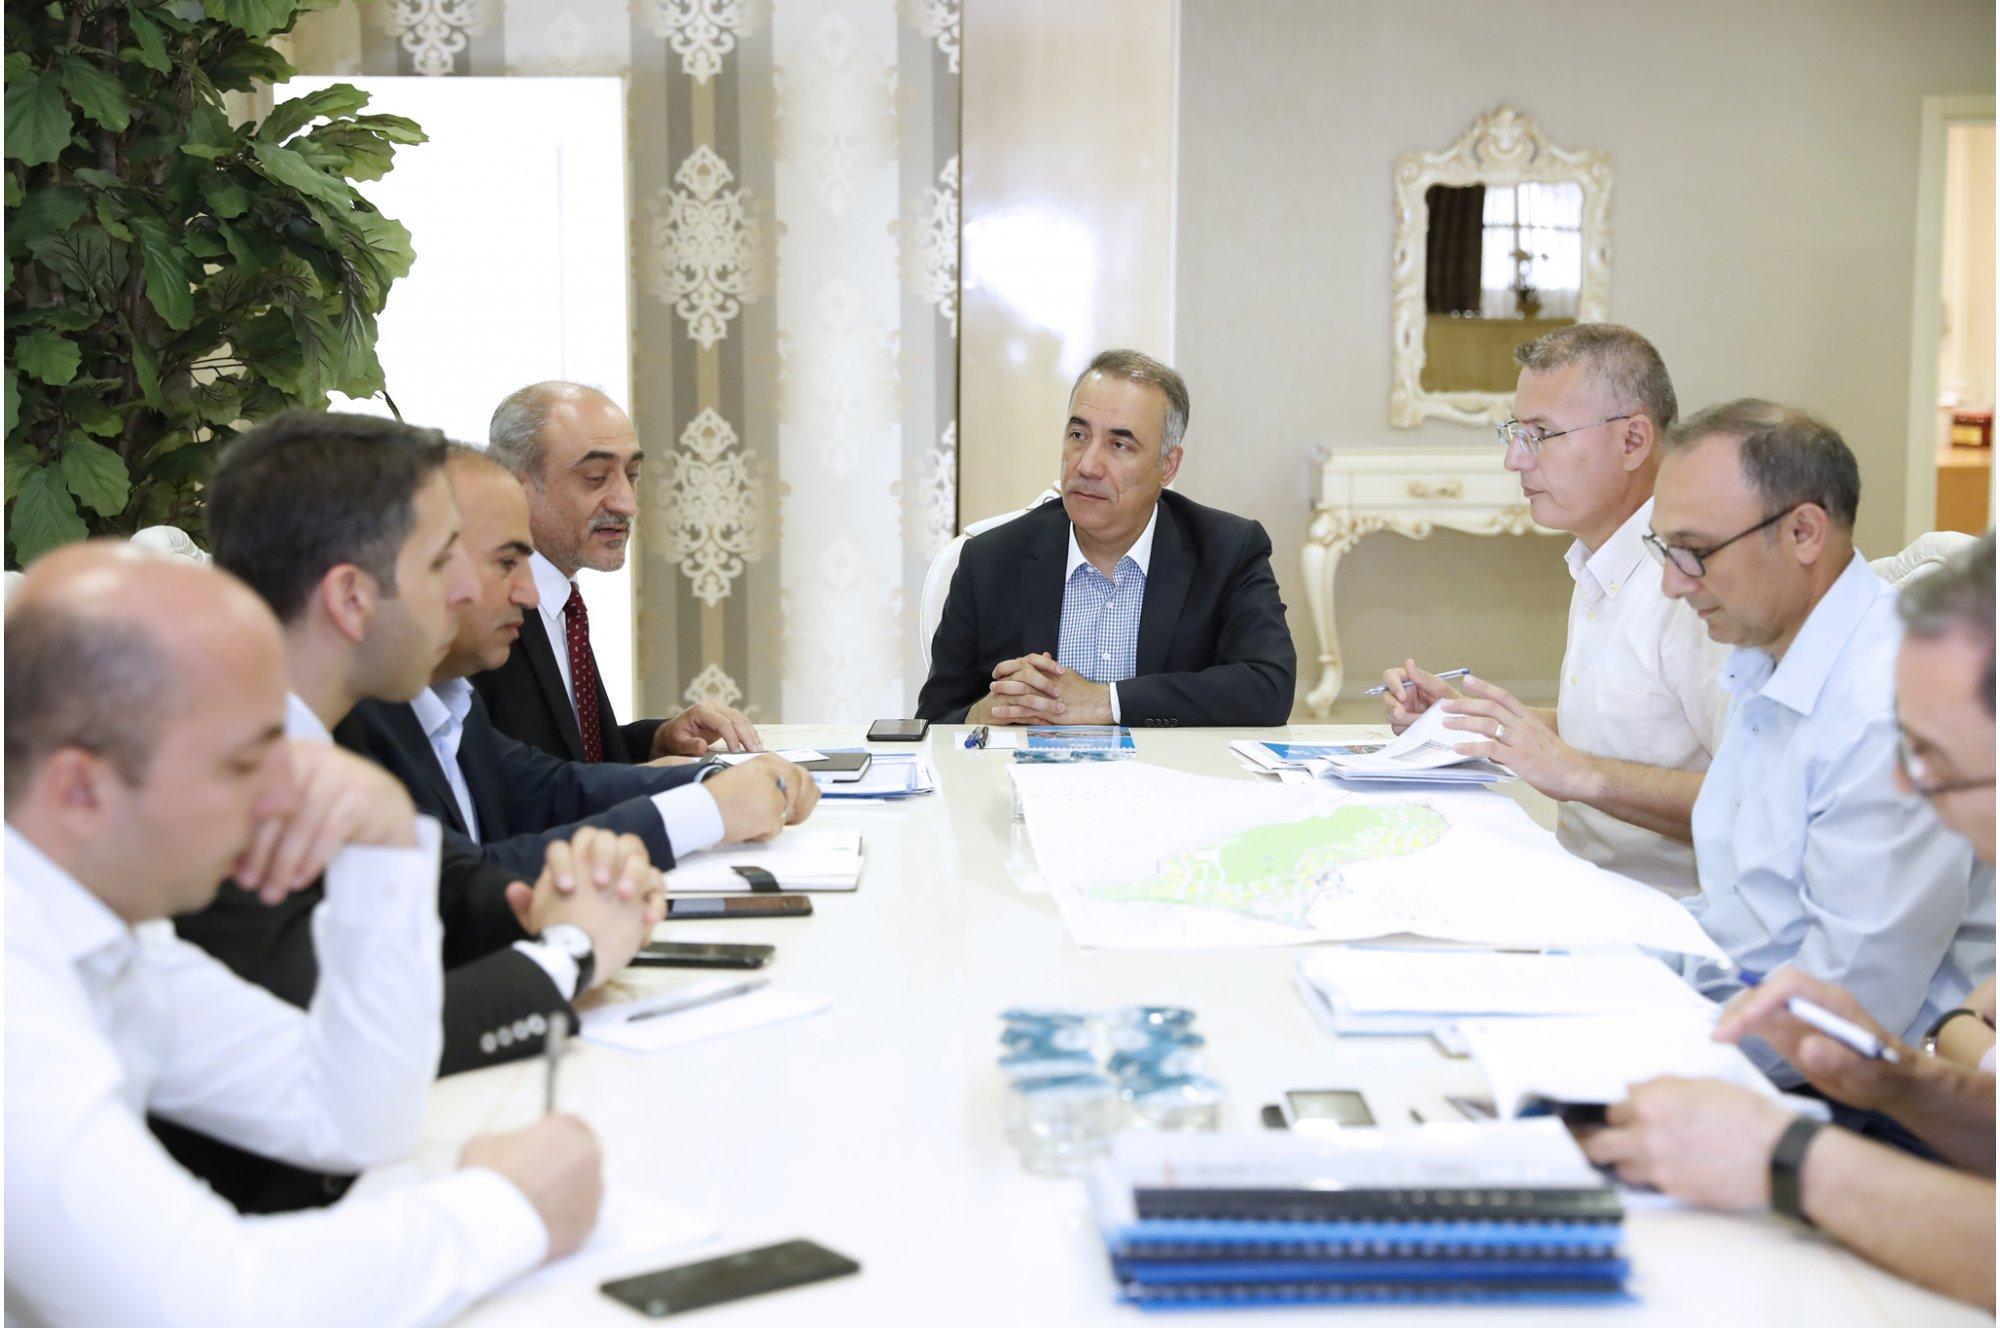 Sultangazi'de Mülkiyet ve Planlama   T.C. Sultangazi Belediyesi